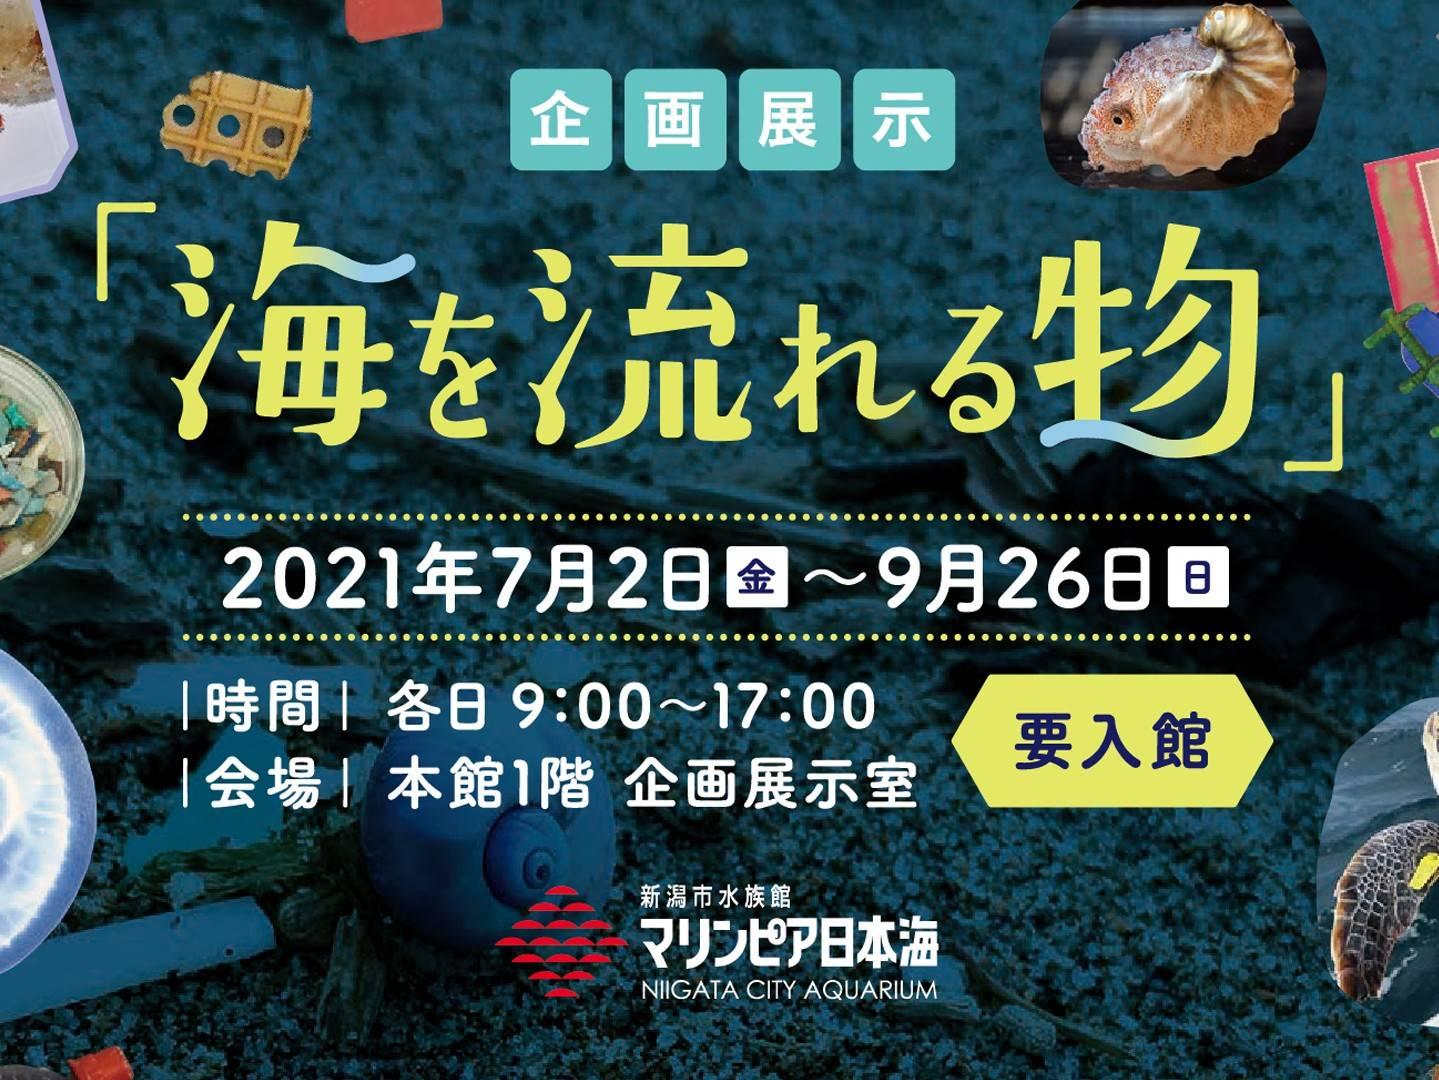 企画展示「海を流れる物」開催中 7月2日-9月26日